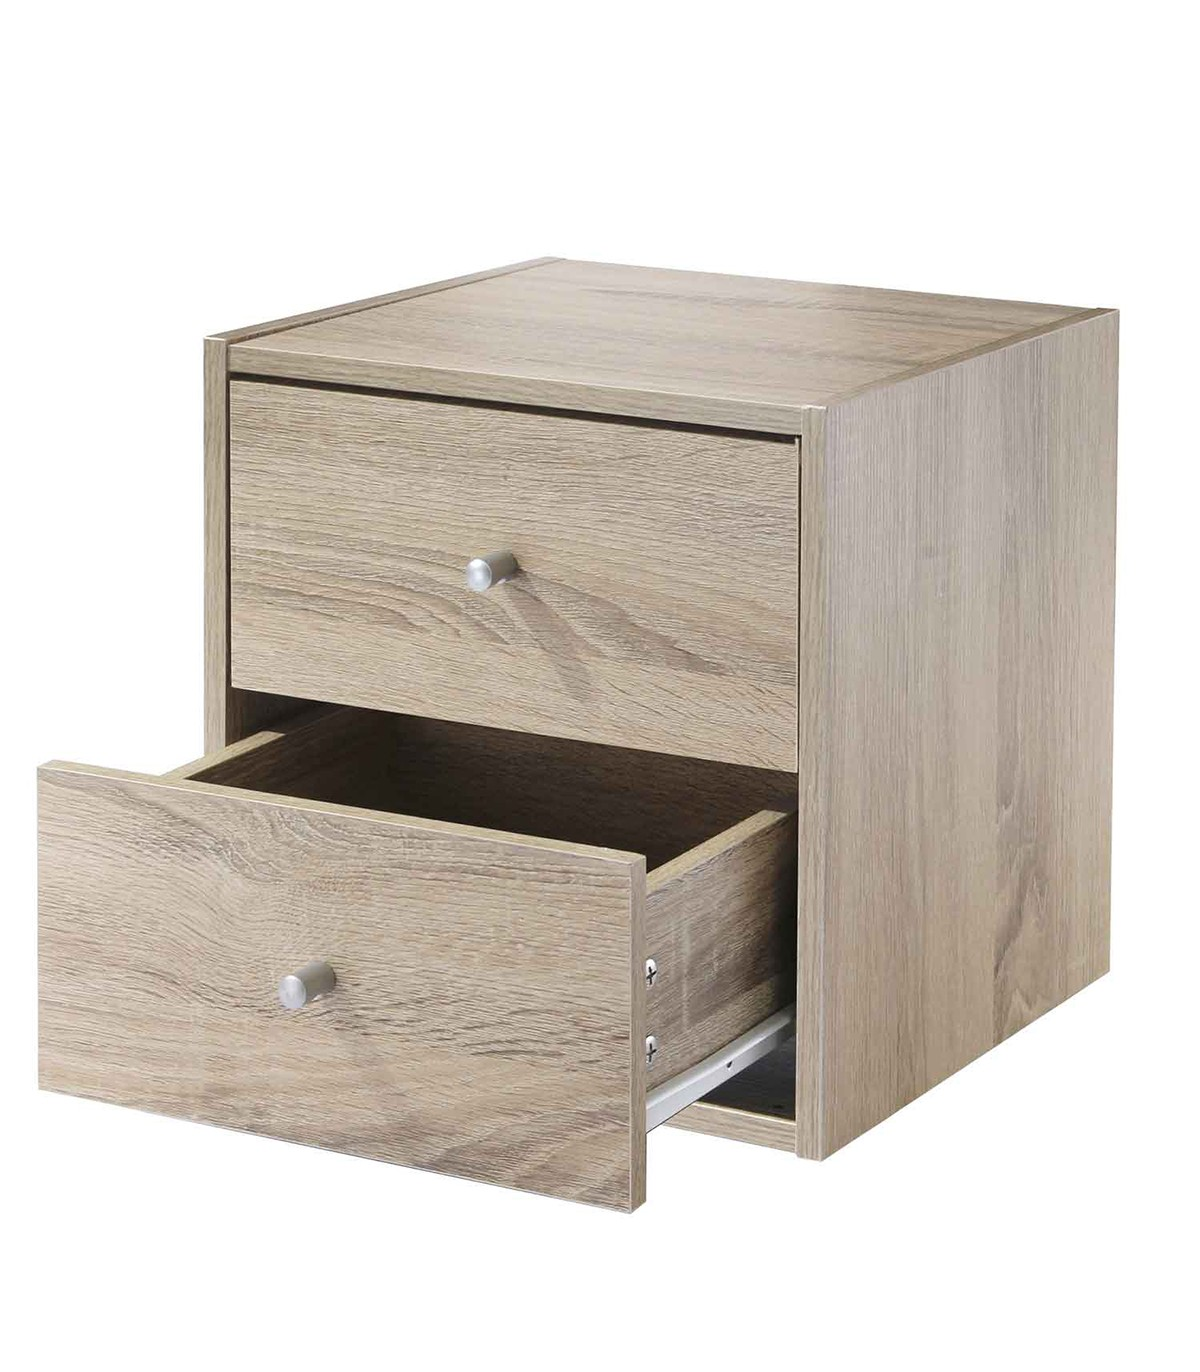 Meuble une case avec deux tiroirs - Marron